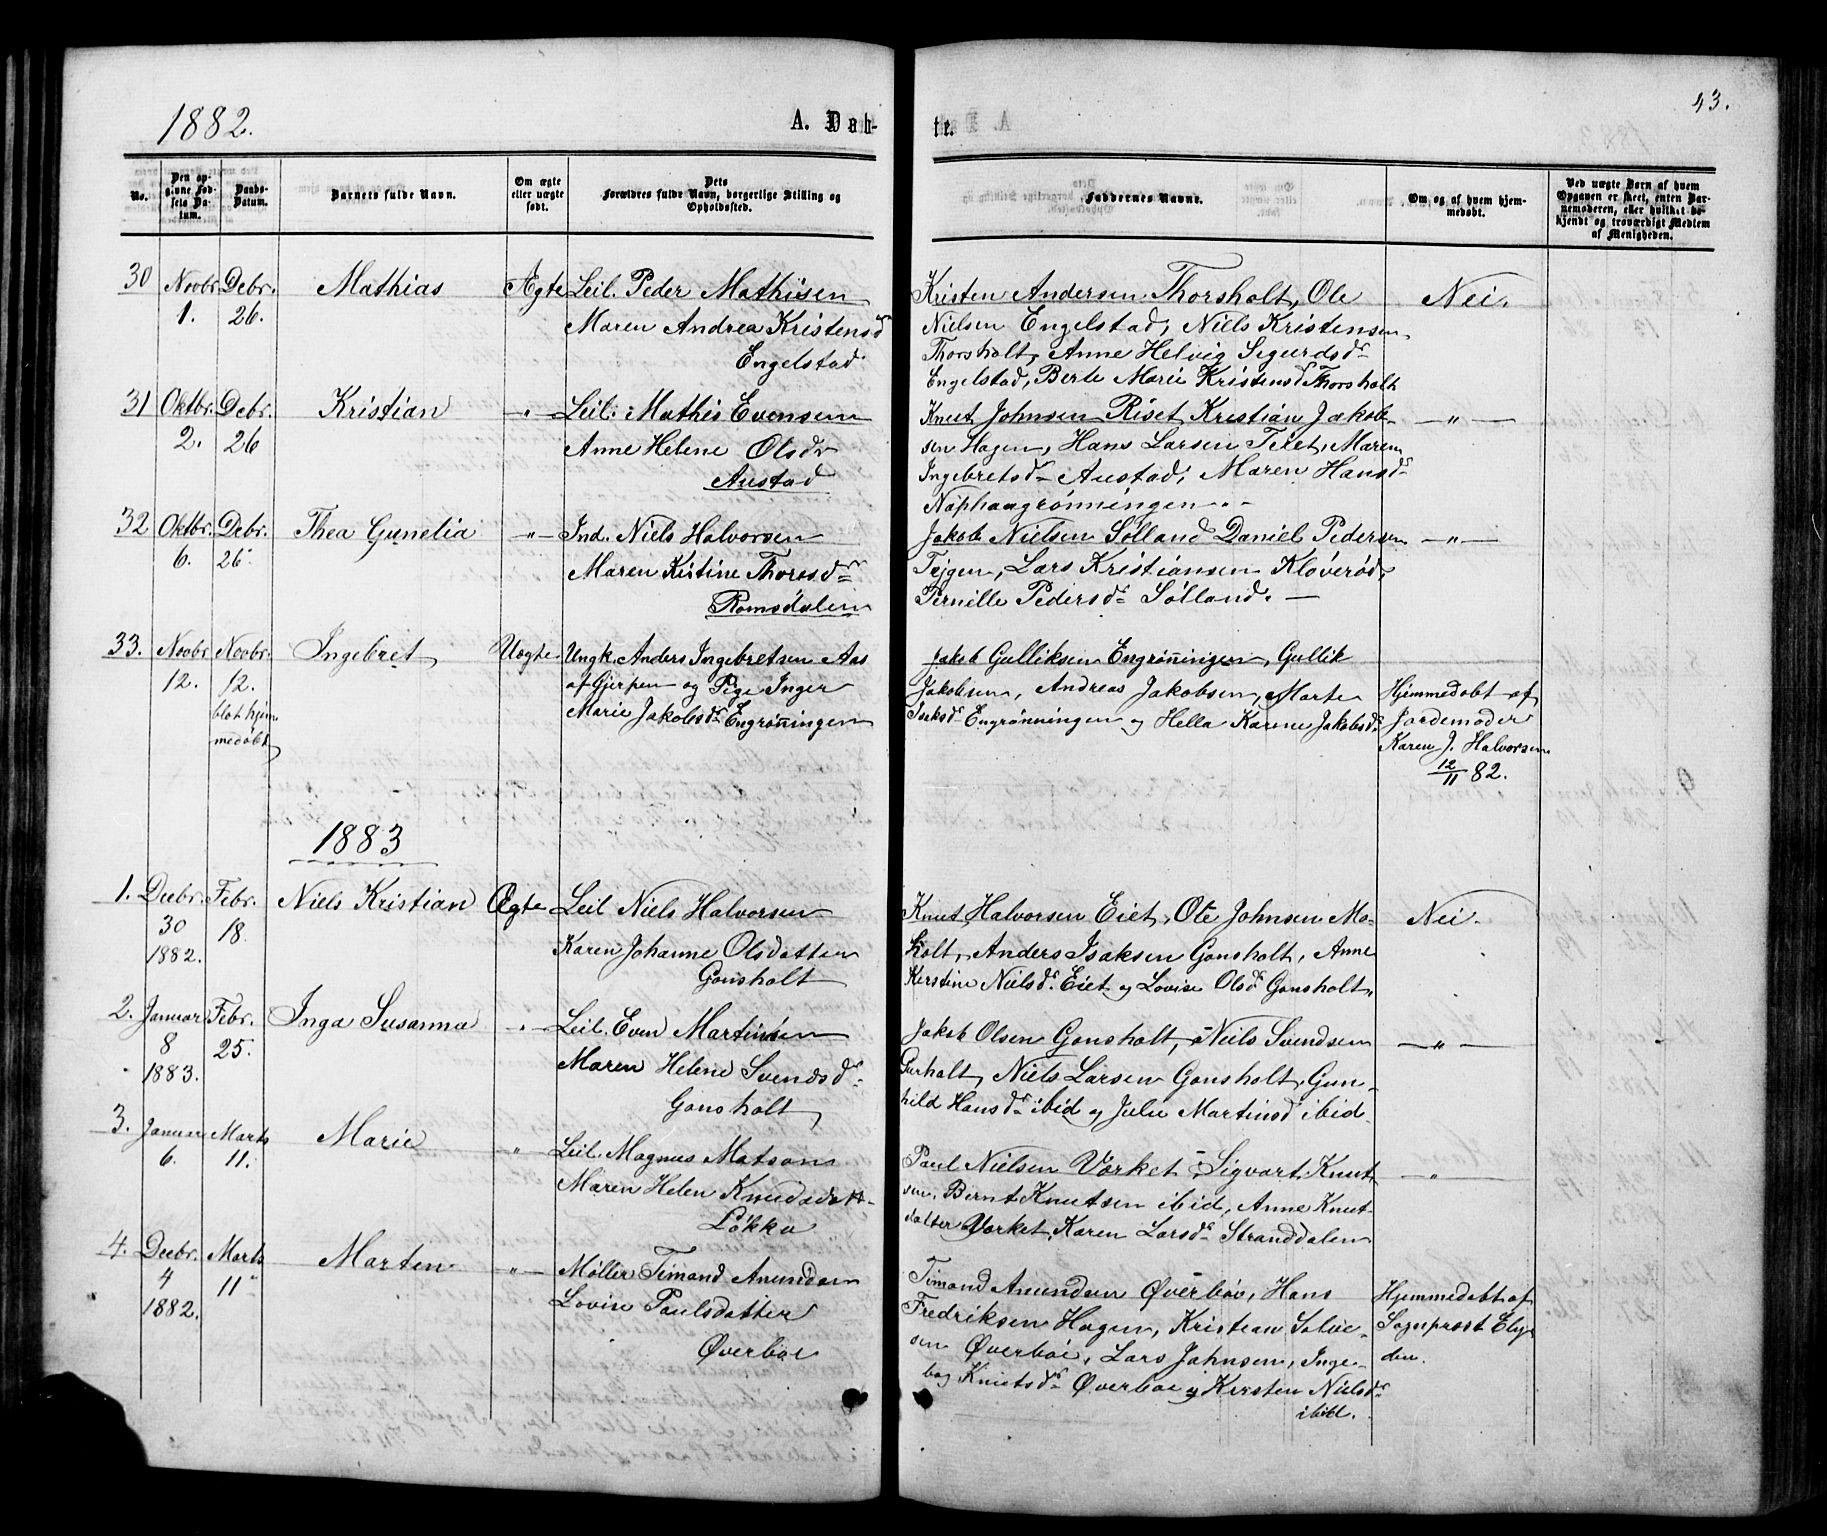 SAKO, Siljan kirkebøker, G/Ga/L0002: Klokkerbok nr. 2, 1864-1908, s. 43